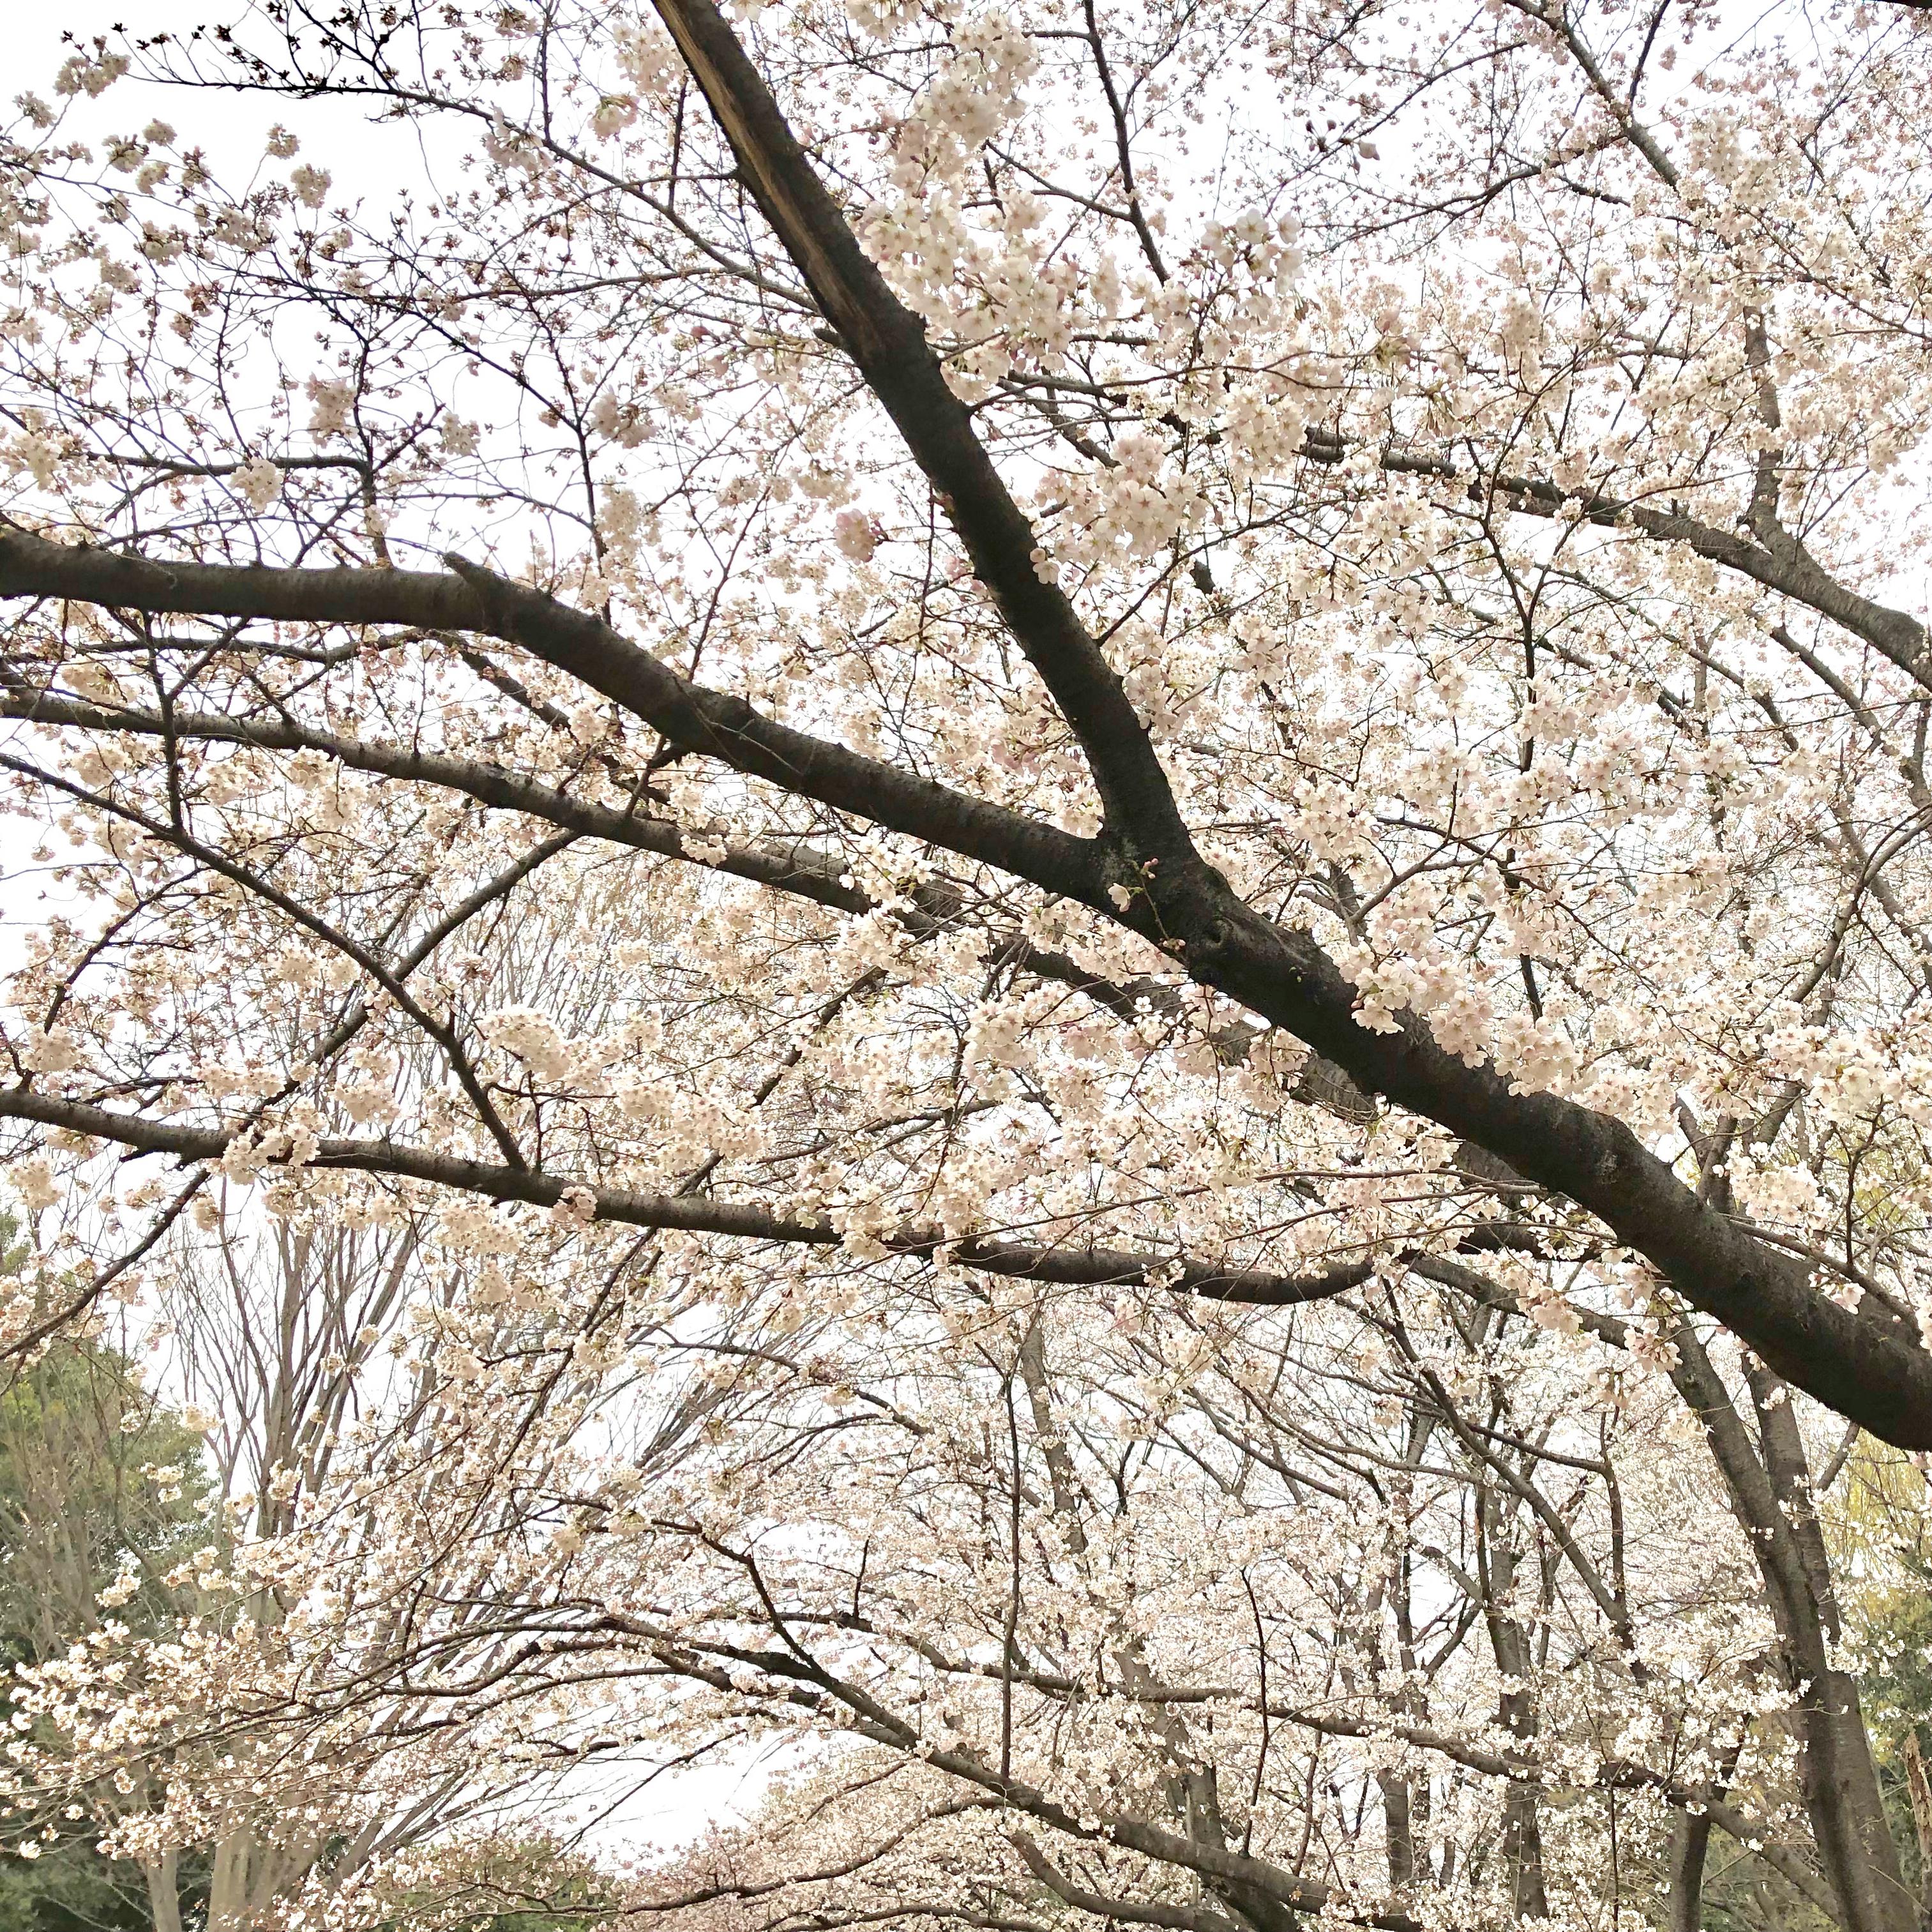 上尾の花見穴場スポットはどこ?地元民がレジャーシートで桜を堪能できる公園を紹介